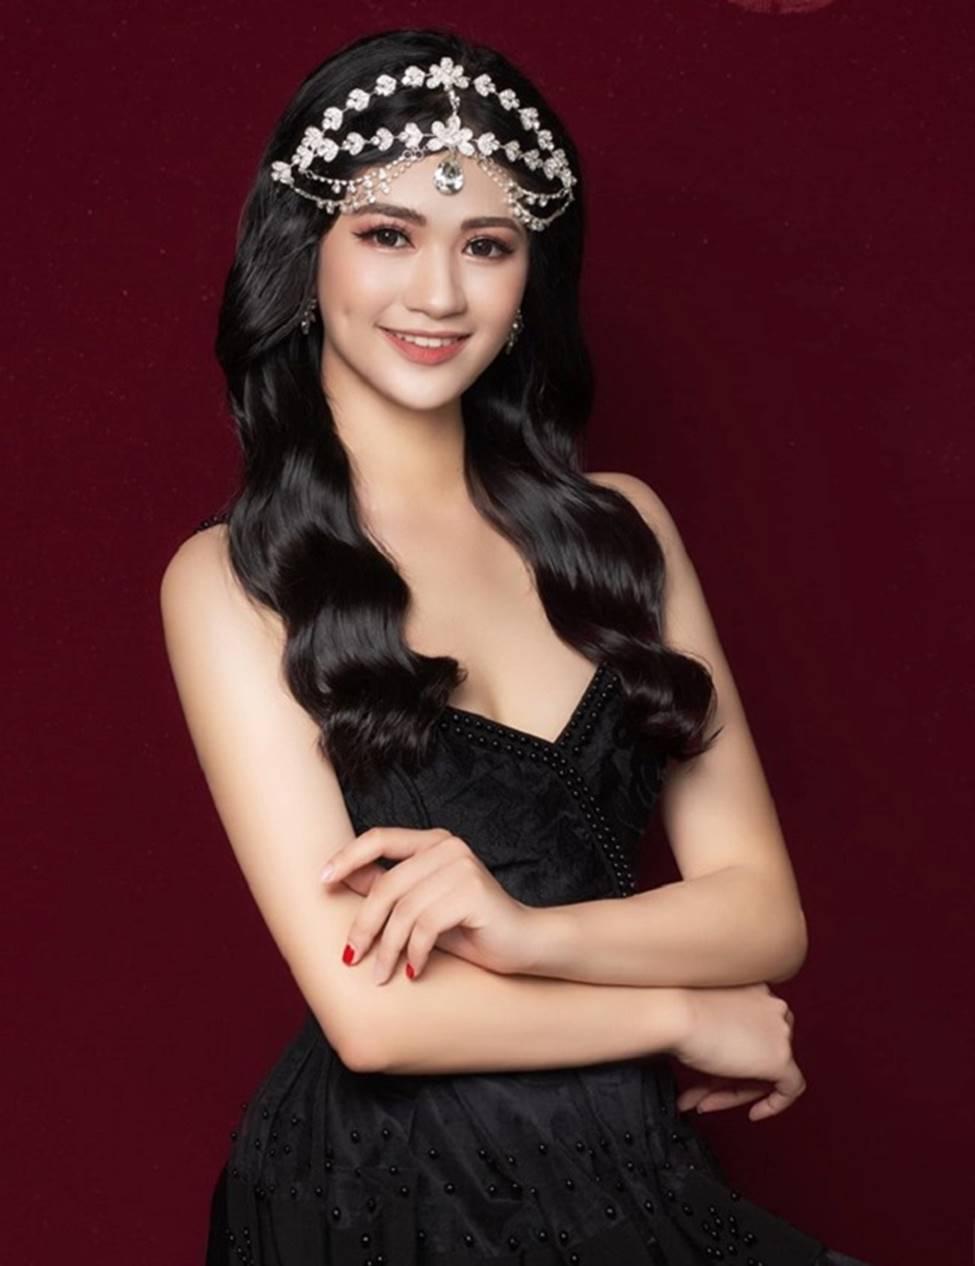 Nữ sinh 2000 đổ xô thi hoa hậu: Người đẹp Đà Nẵng giống Lưu Diệc Phi gây chú ý-11